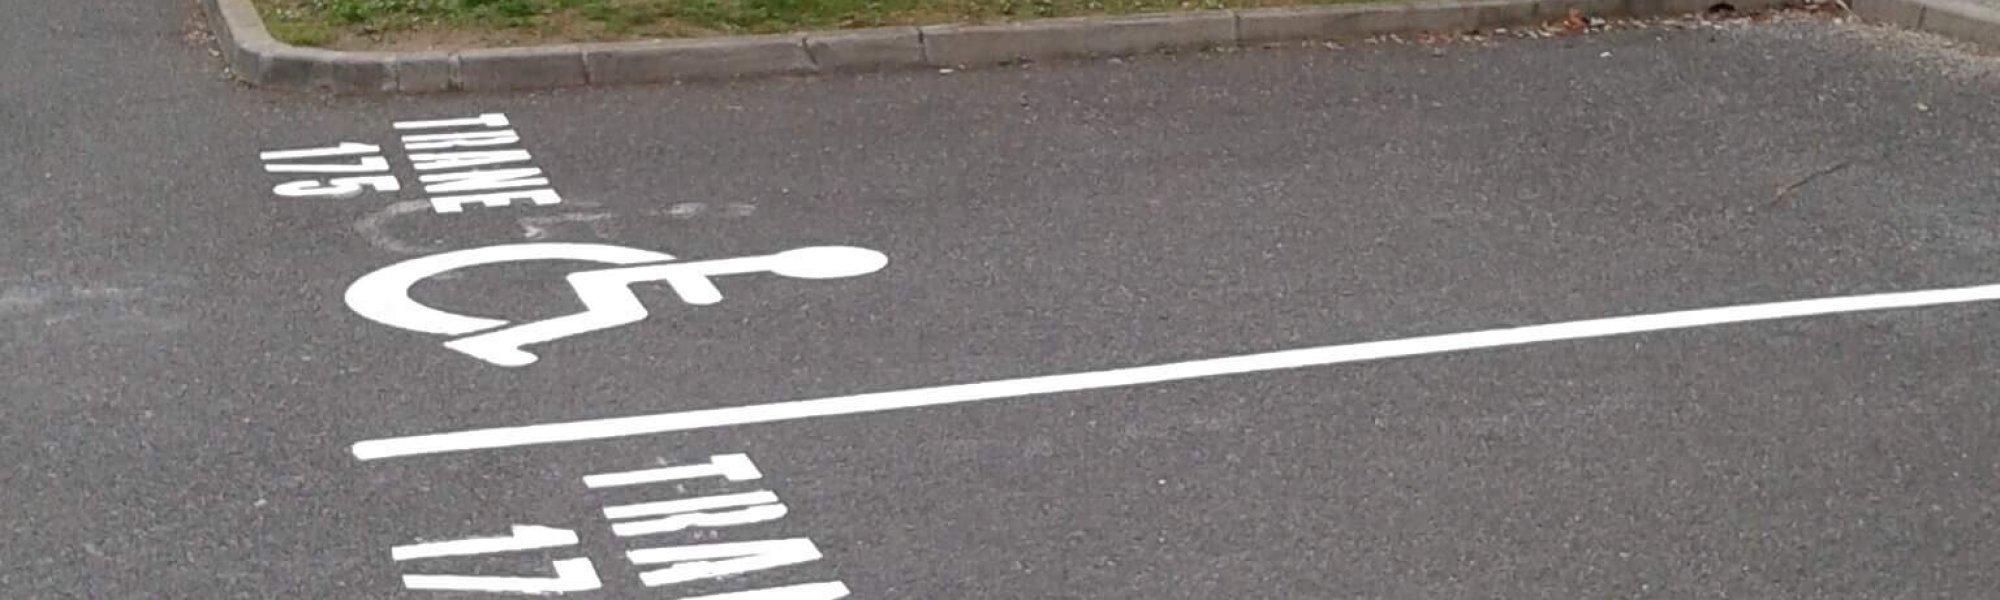 marquage au sol des places handicapé